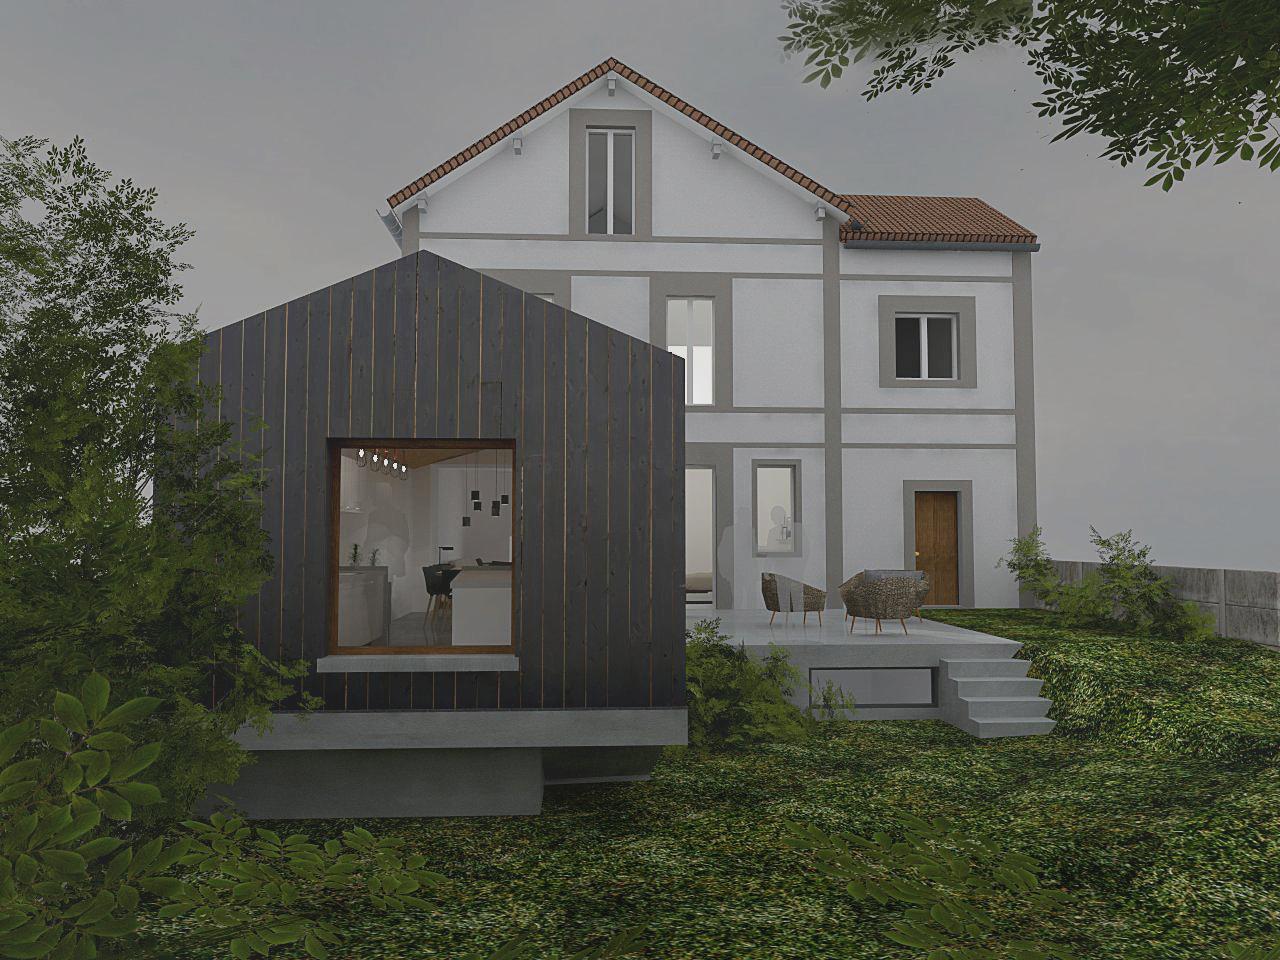 Esquisse Site 05 01.jpg